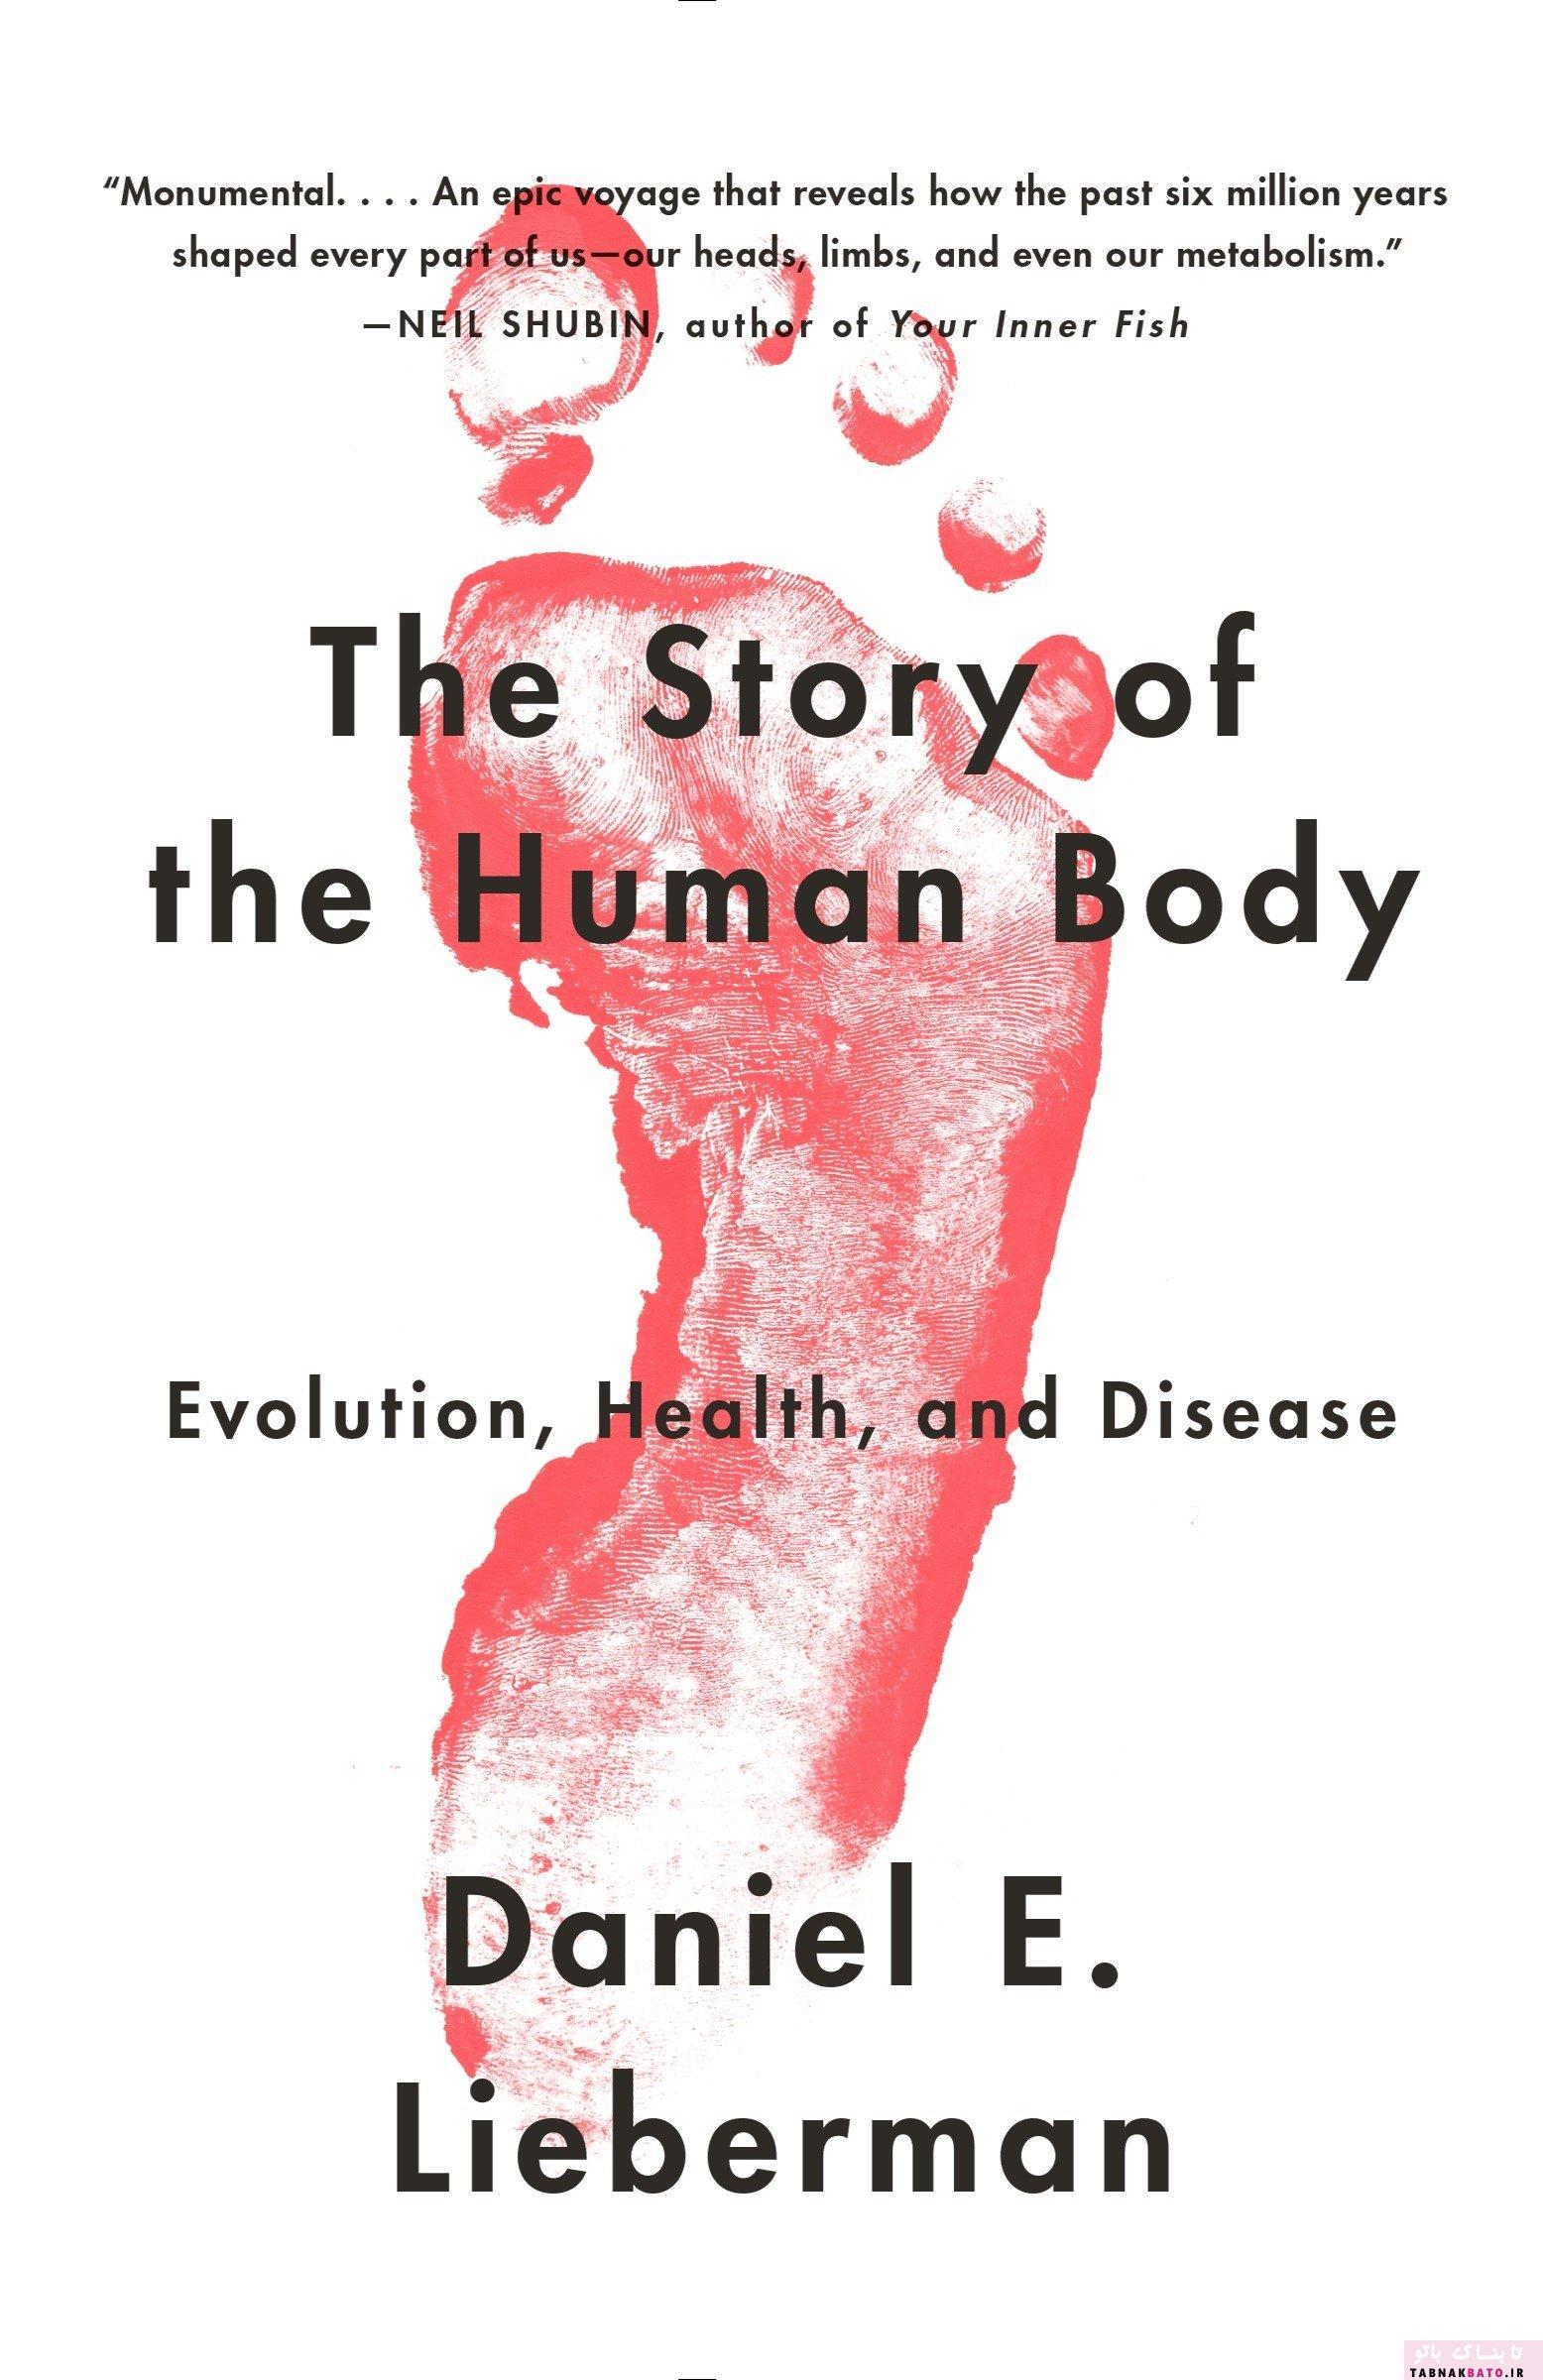 کتابهایی که هر آنچه باید درباره بدنتان بدانید به شما میگویند